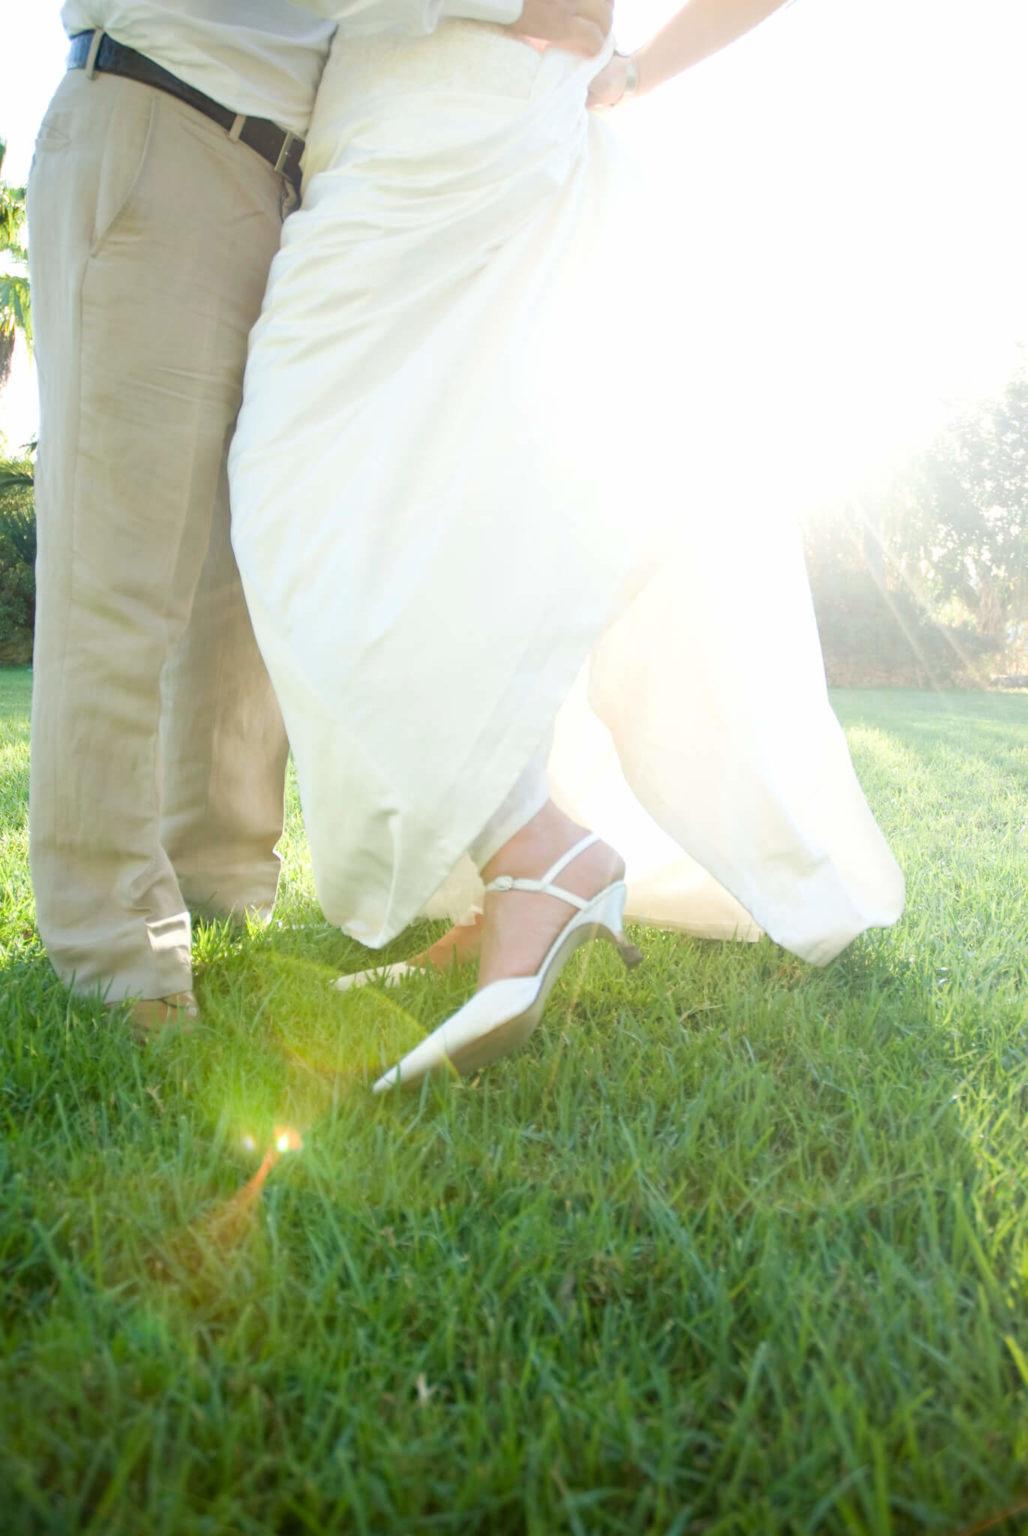 https://www.white-ibiza.com/wp-content/uploads/2020/03/ibiza-wedding-photographer-gypsy-westwood-2020-13-1028x1536.jpg